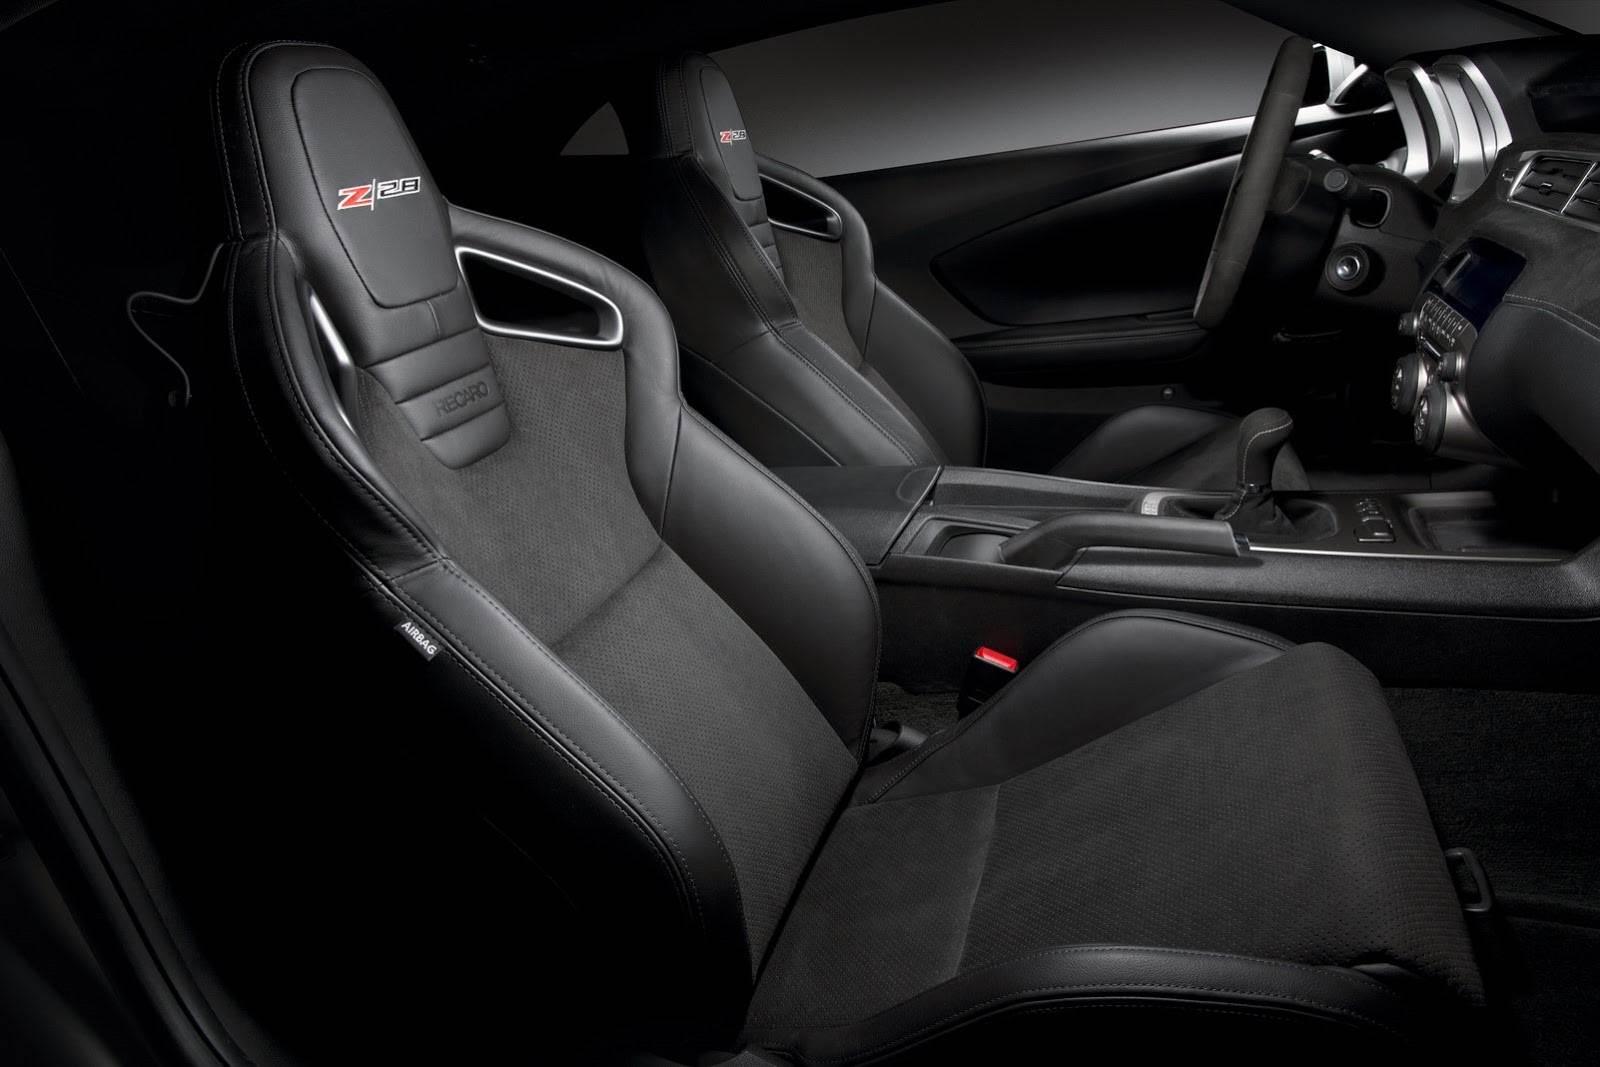 novo camaro 2014 fotos v deo detalhes e especifica es car blog br. Black Bedroom Furniture Sets. Home Design Ideas